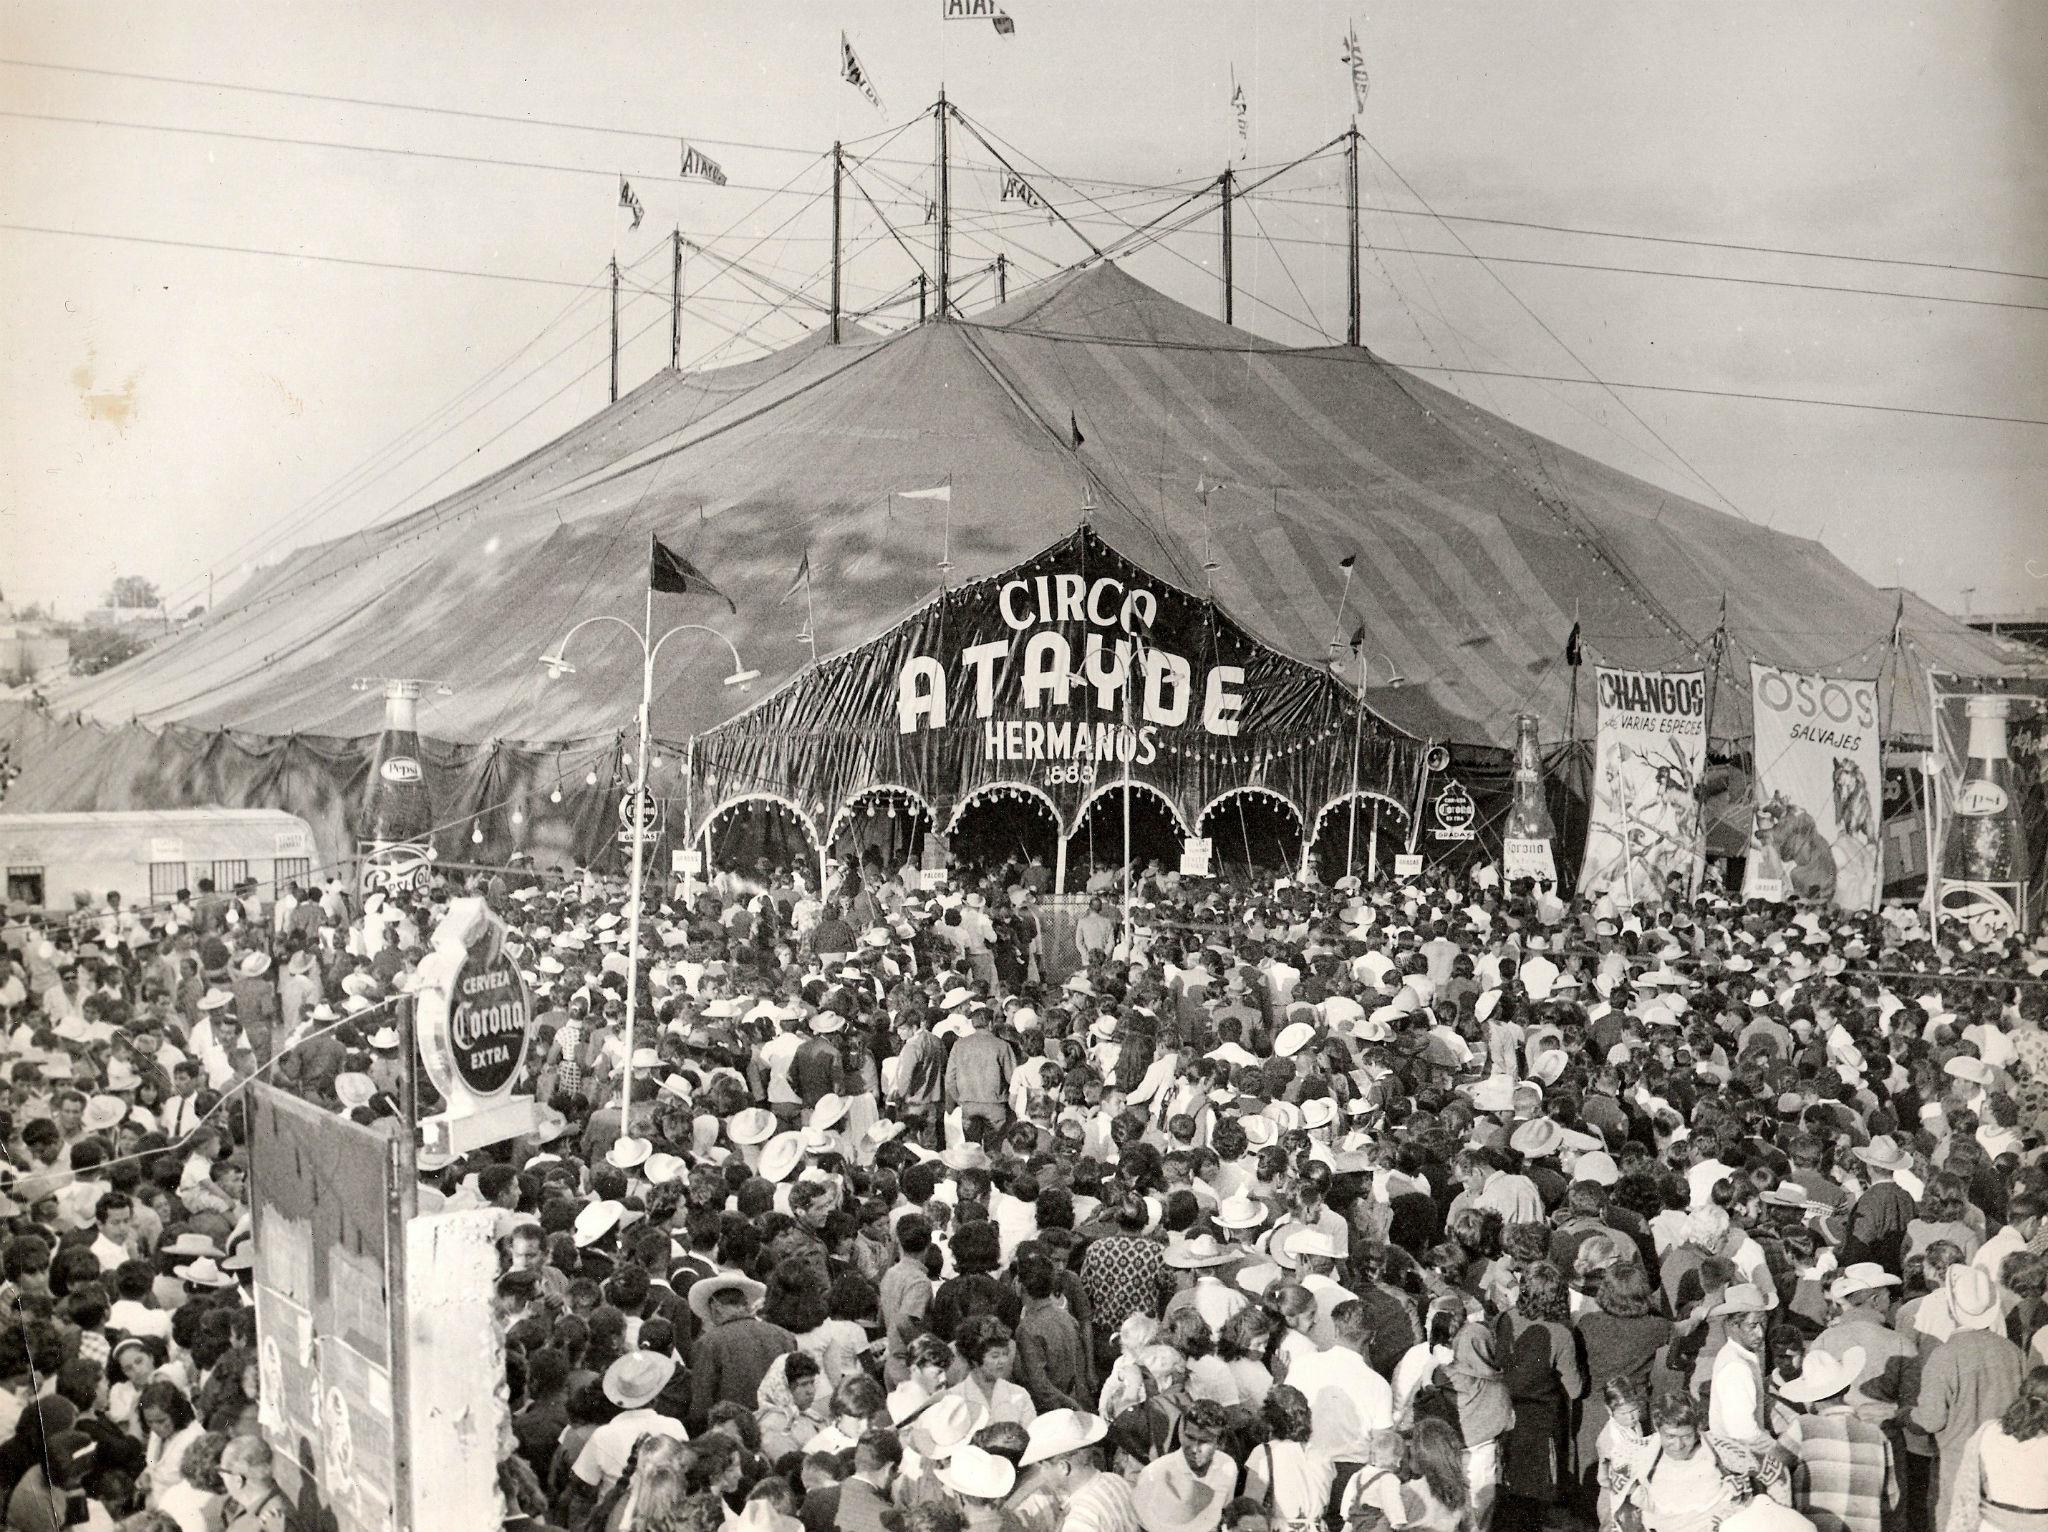 Gente en la carpa del circo en Guadalajara